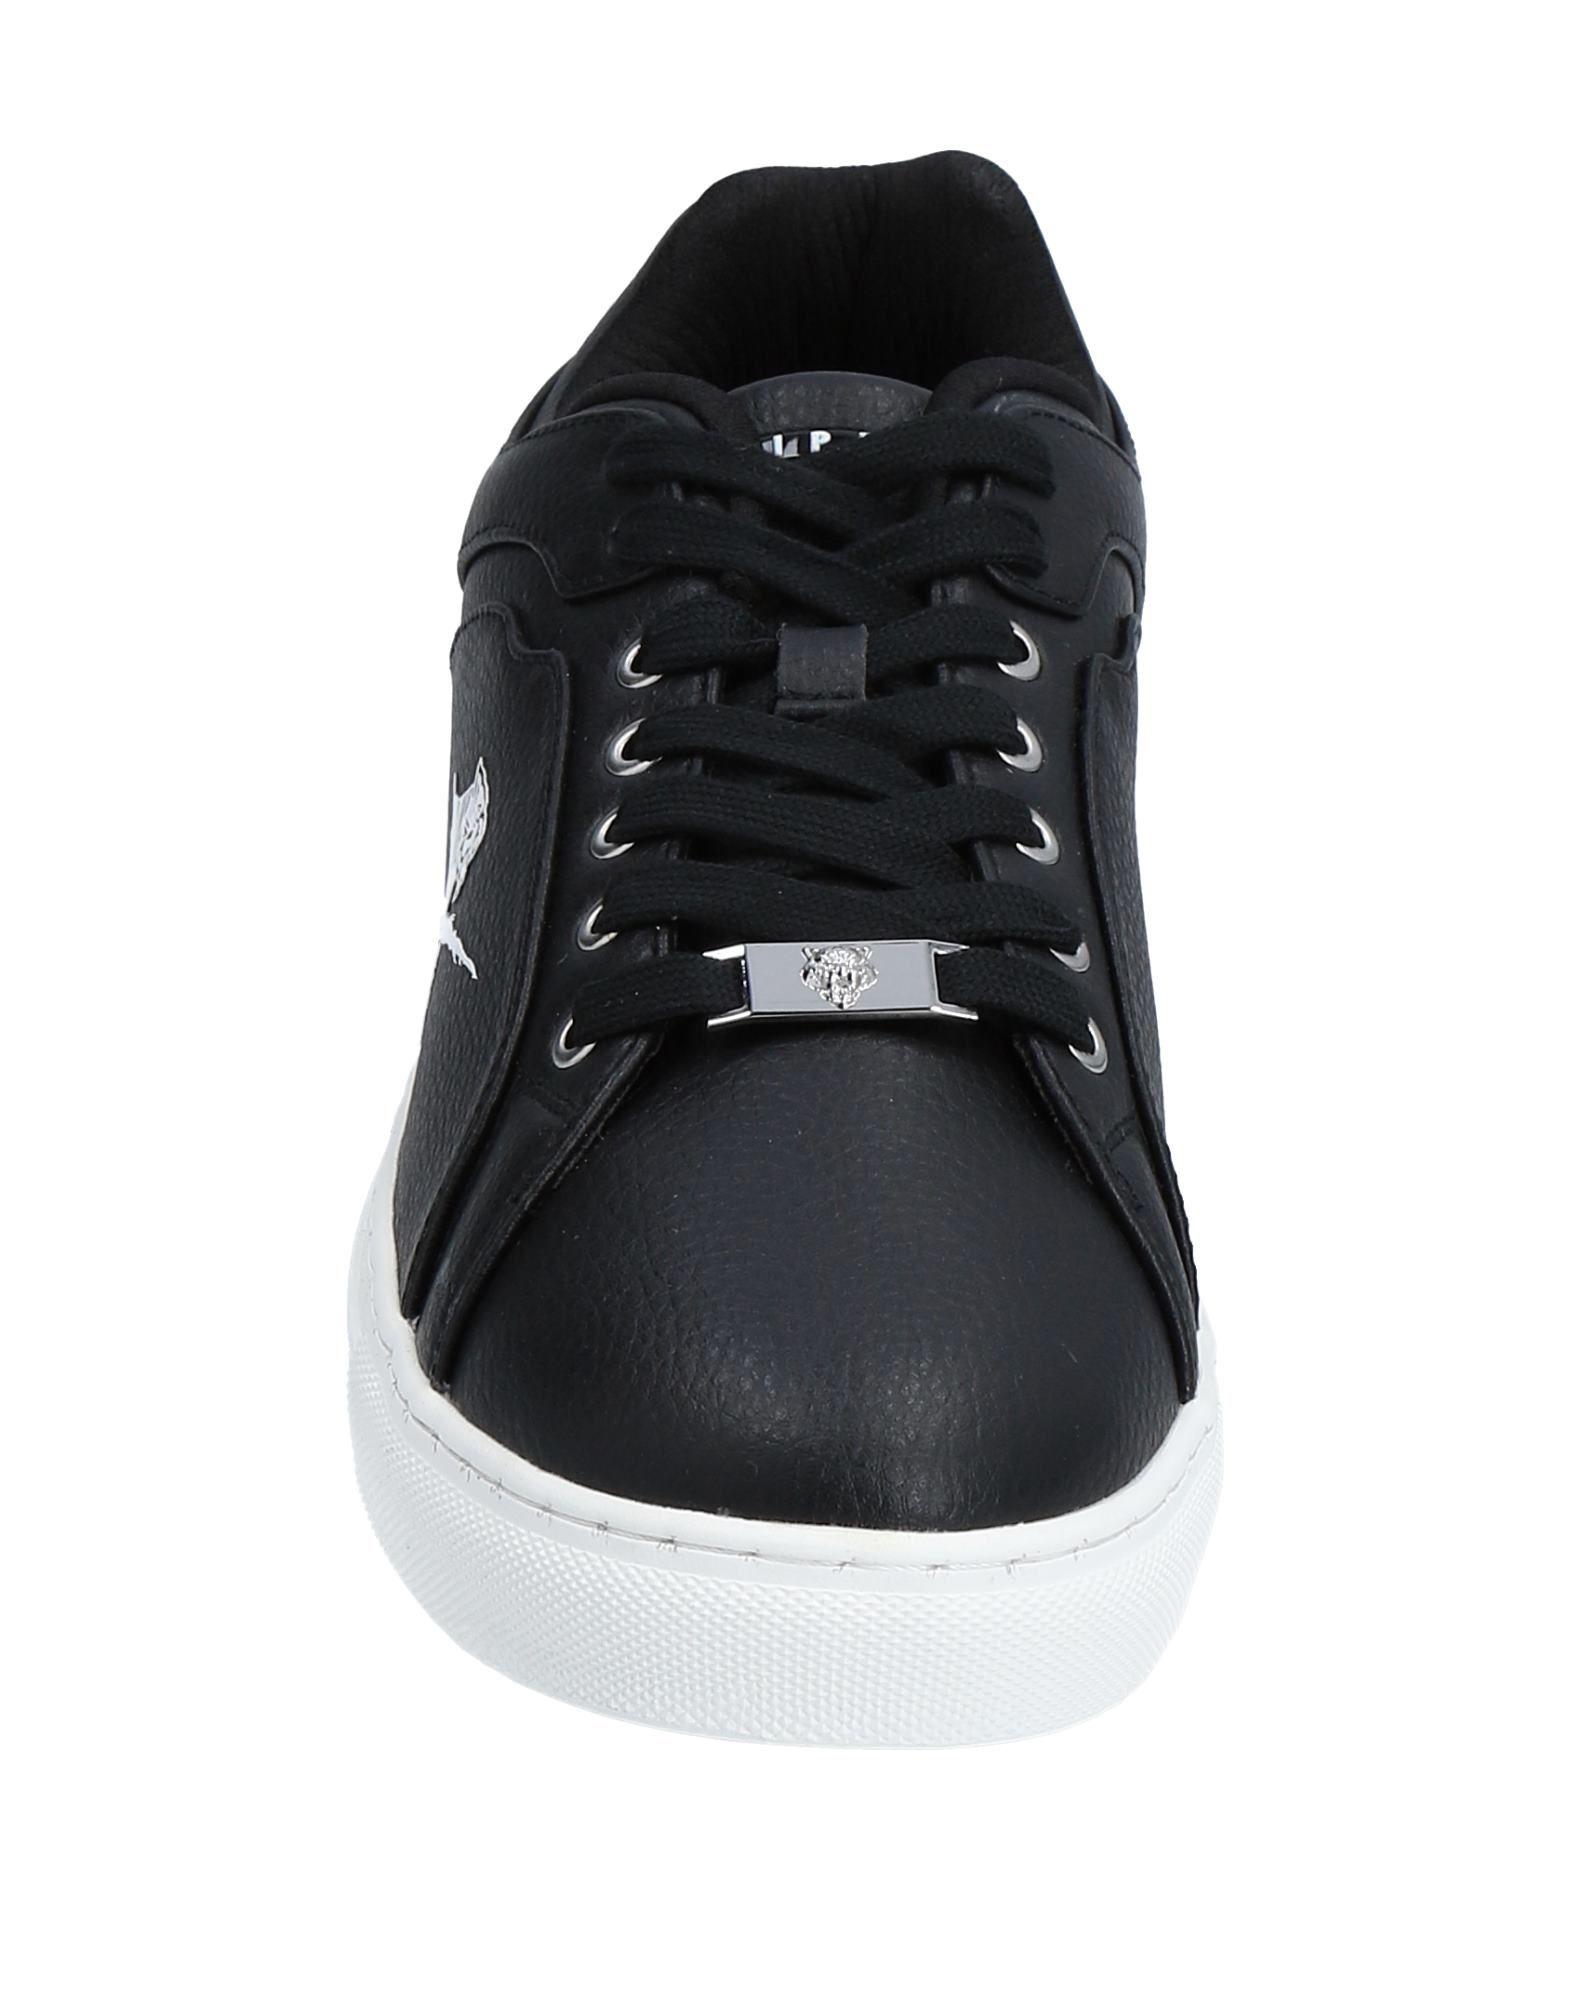 Plein Sport Sneakers Herren beliebte  11530652PD Gute Qualität beliebte Herren Schuhe ffbb68